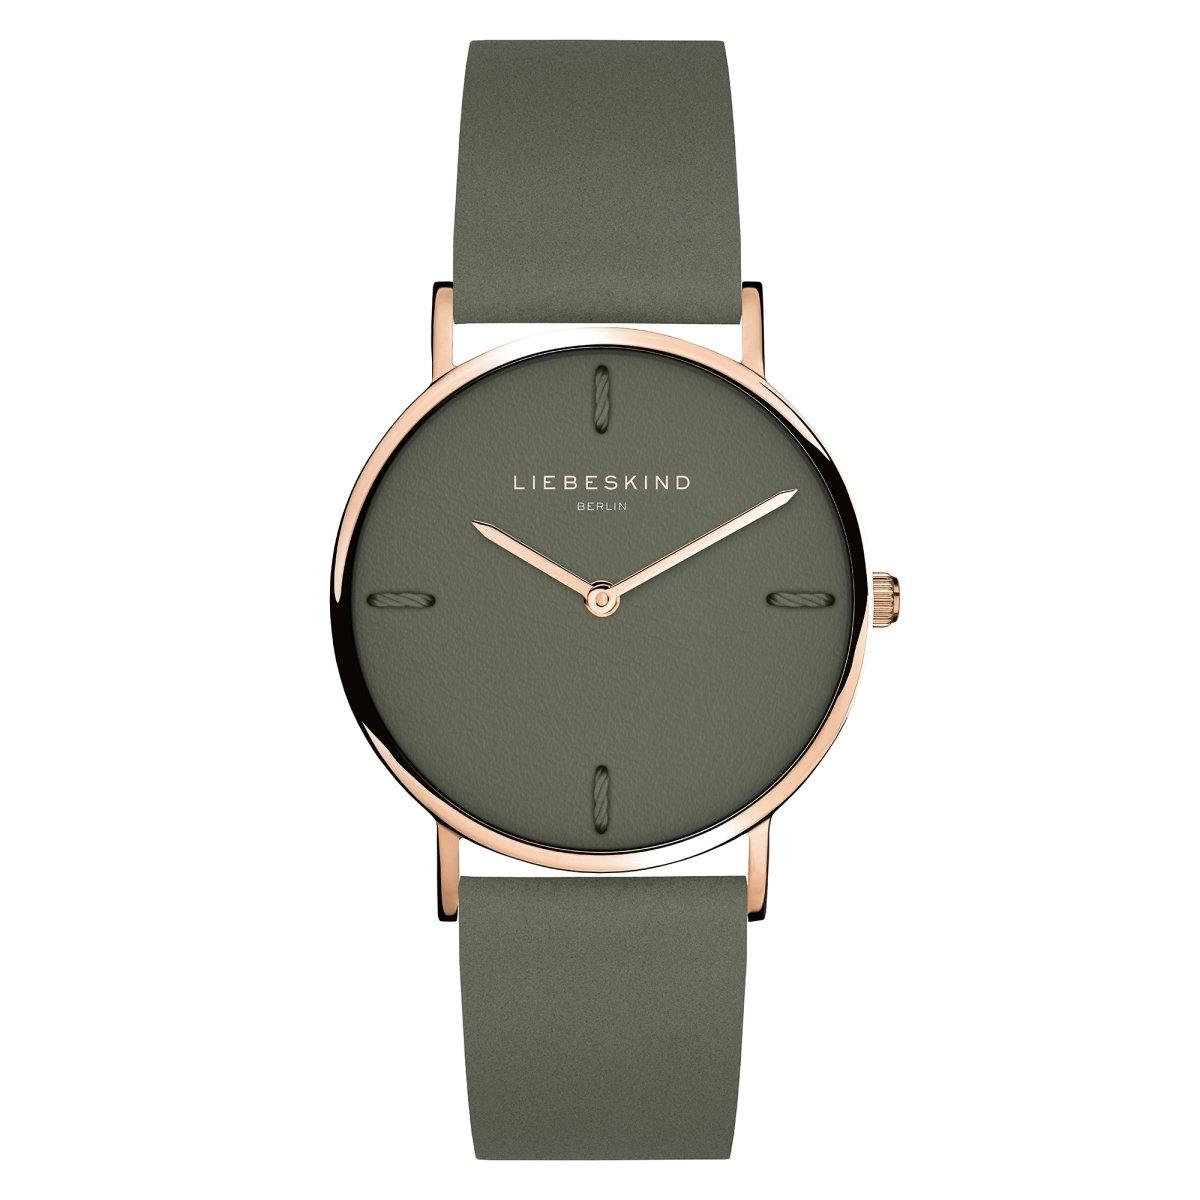 LIEBESKIND BERLIN Damen Uhr Armbanduhr Leder LT-0042-LM